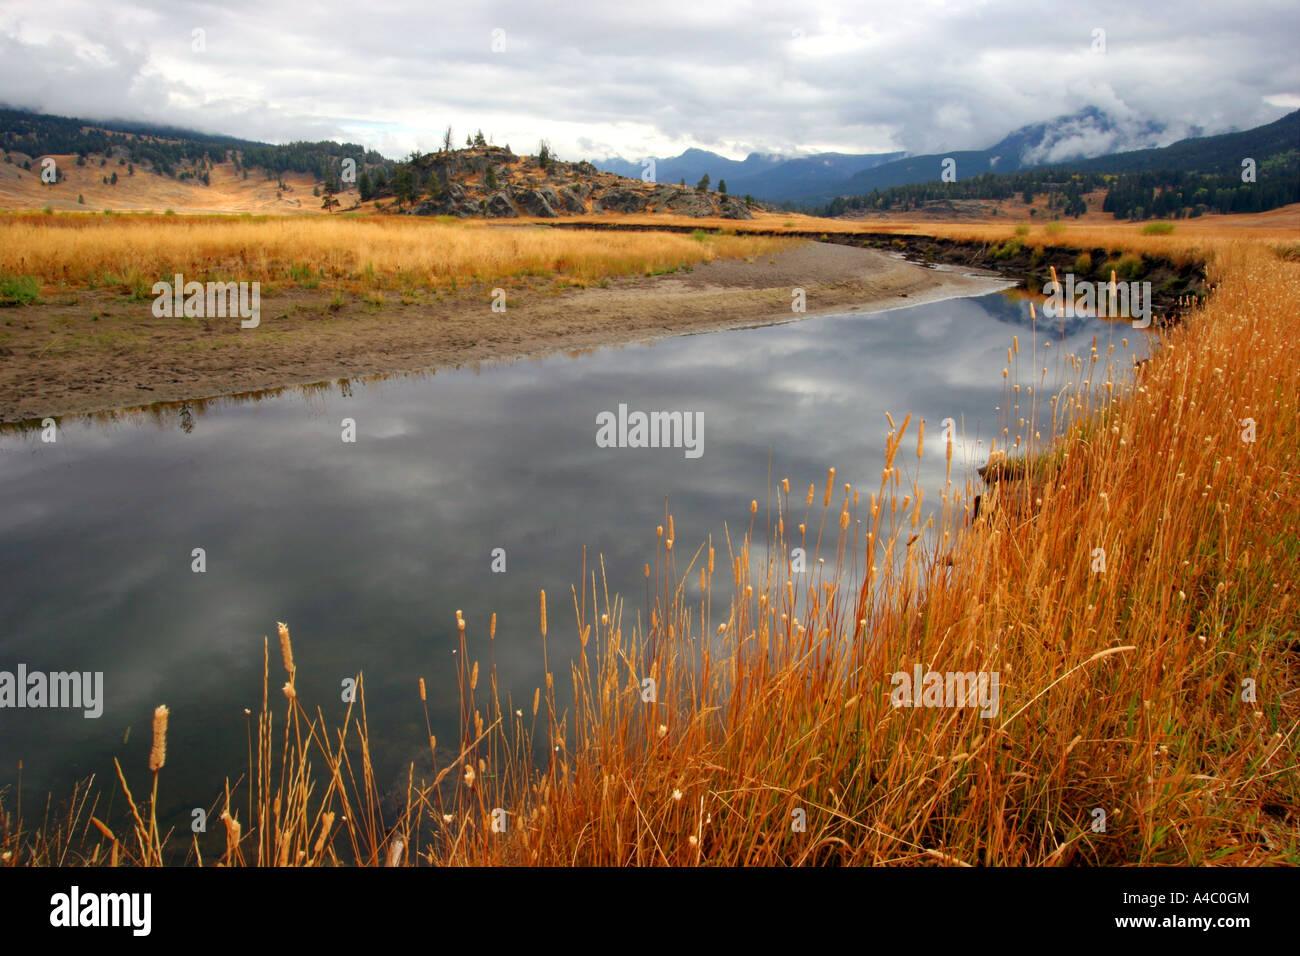 Slough Creek, el parque nacional Yellowstone, Wyoming Foto de stock